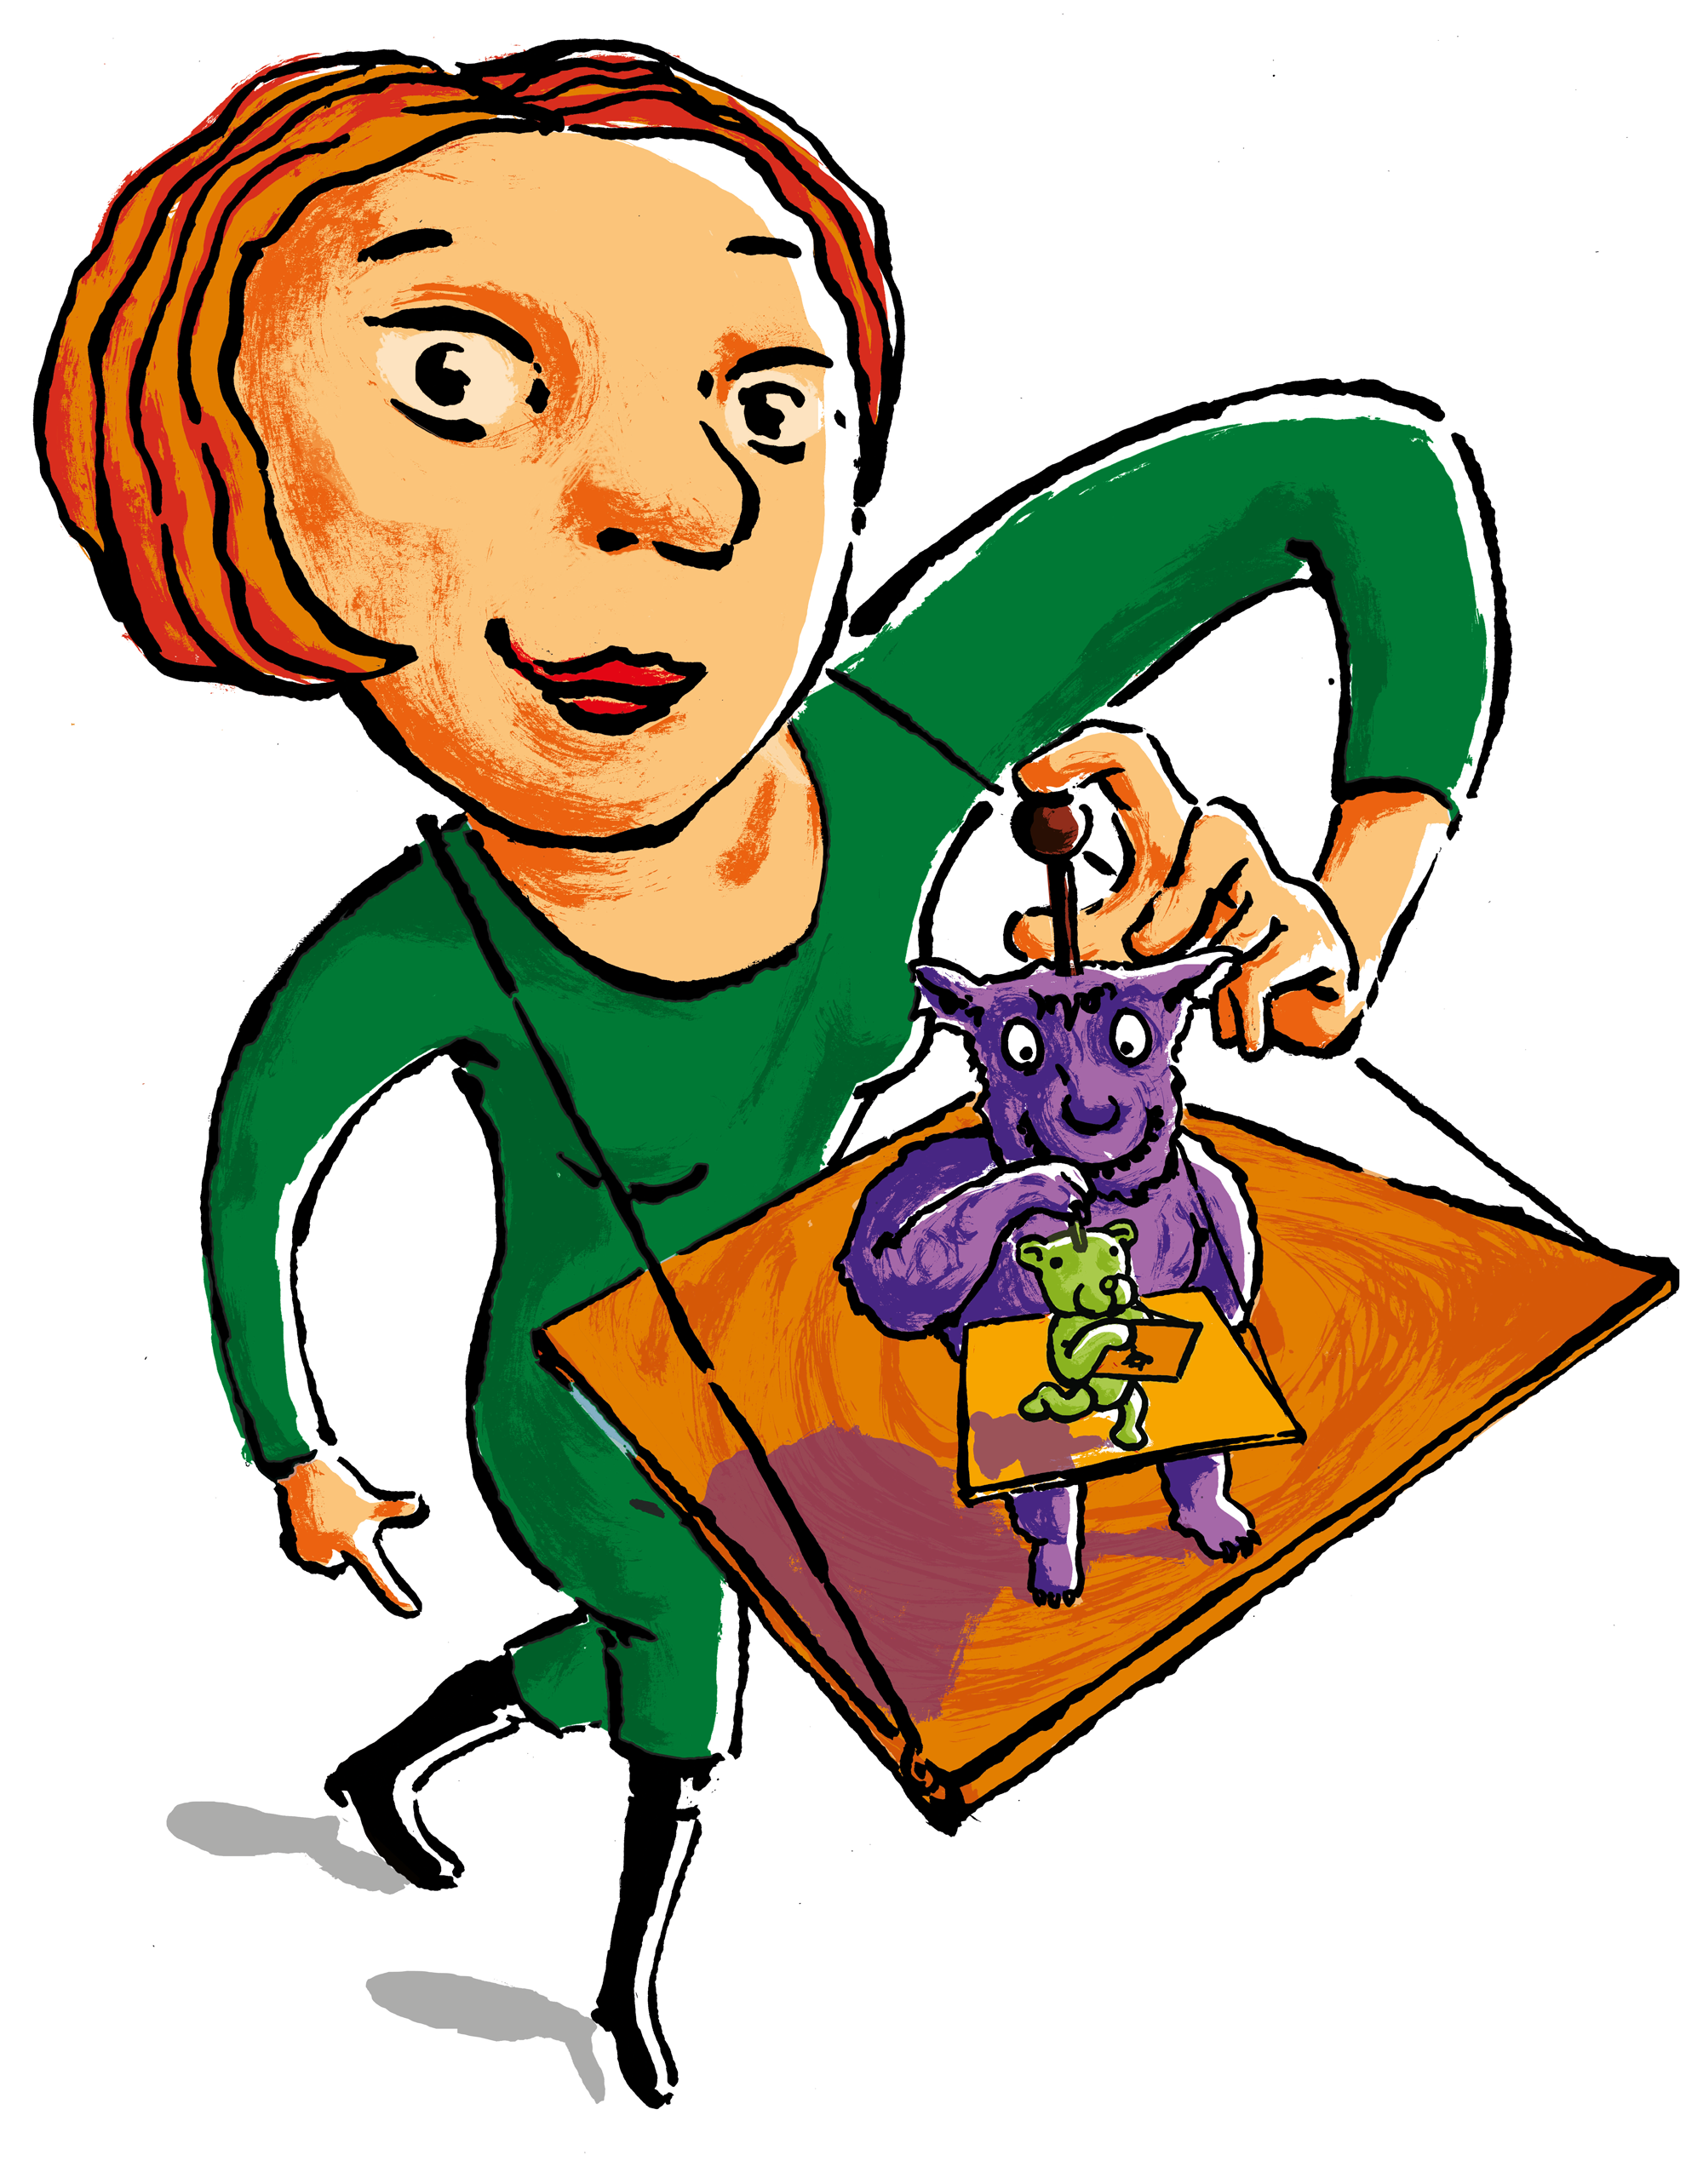 Fantasievolles Figurentheater für Kinder   Mannheim.de